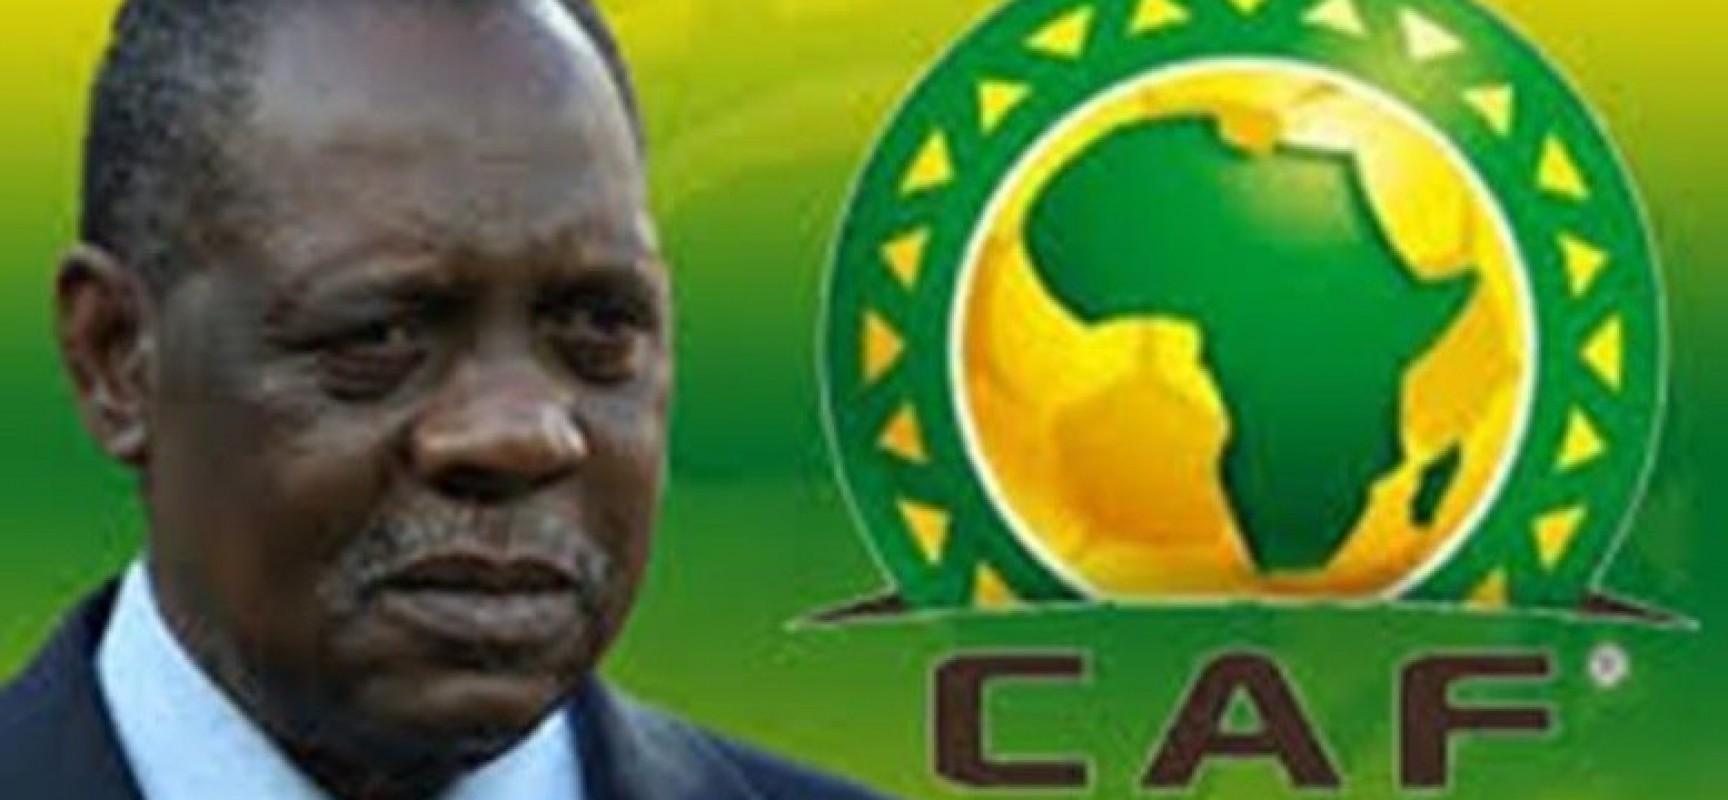 La Coupe d'Afrique des Nations  2015 aura bel et bien lieu